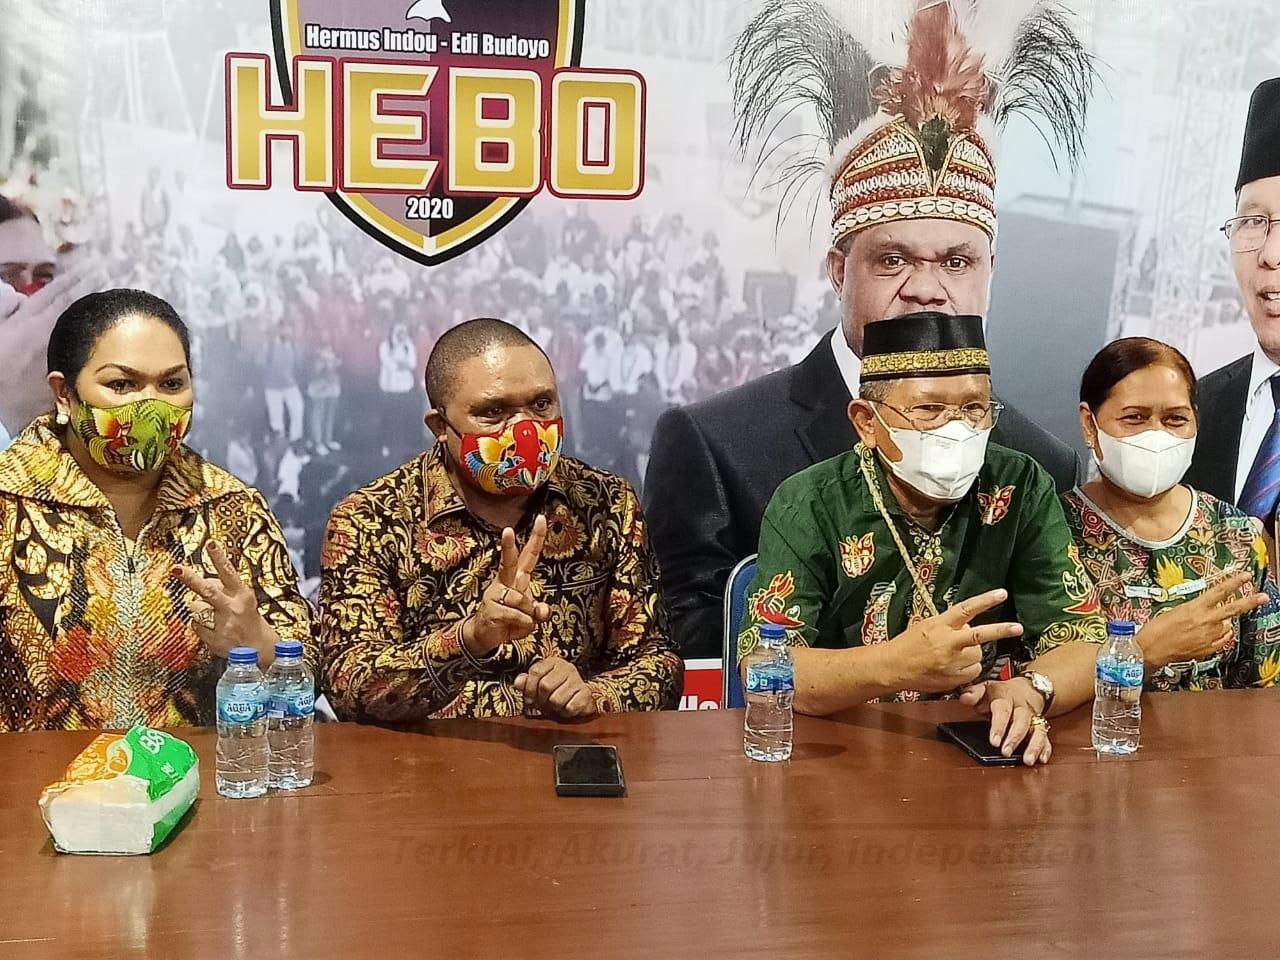 HEBO: Harus Konsisten Dengan Pernyataan Siapapun Yang Menang Tidak Ada Gugatan 4 IMG 20201210 WA0003